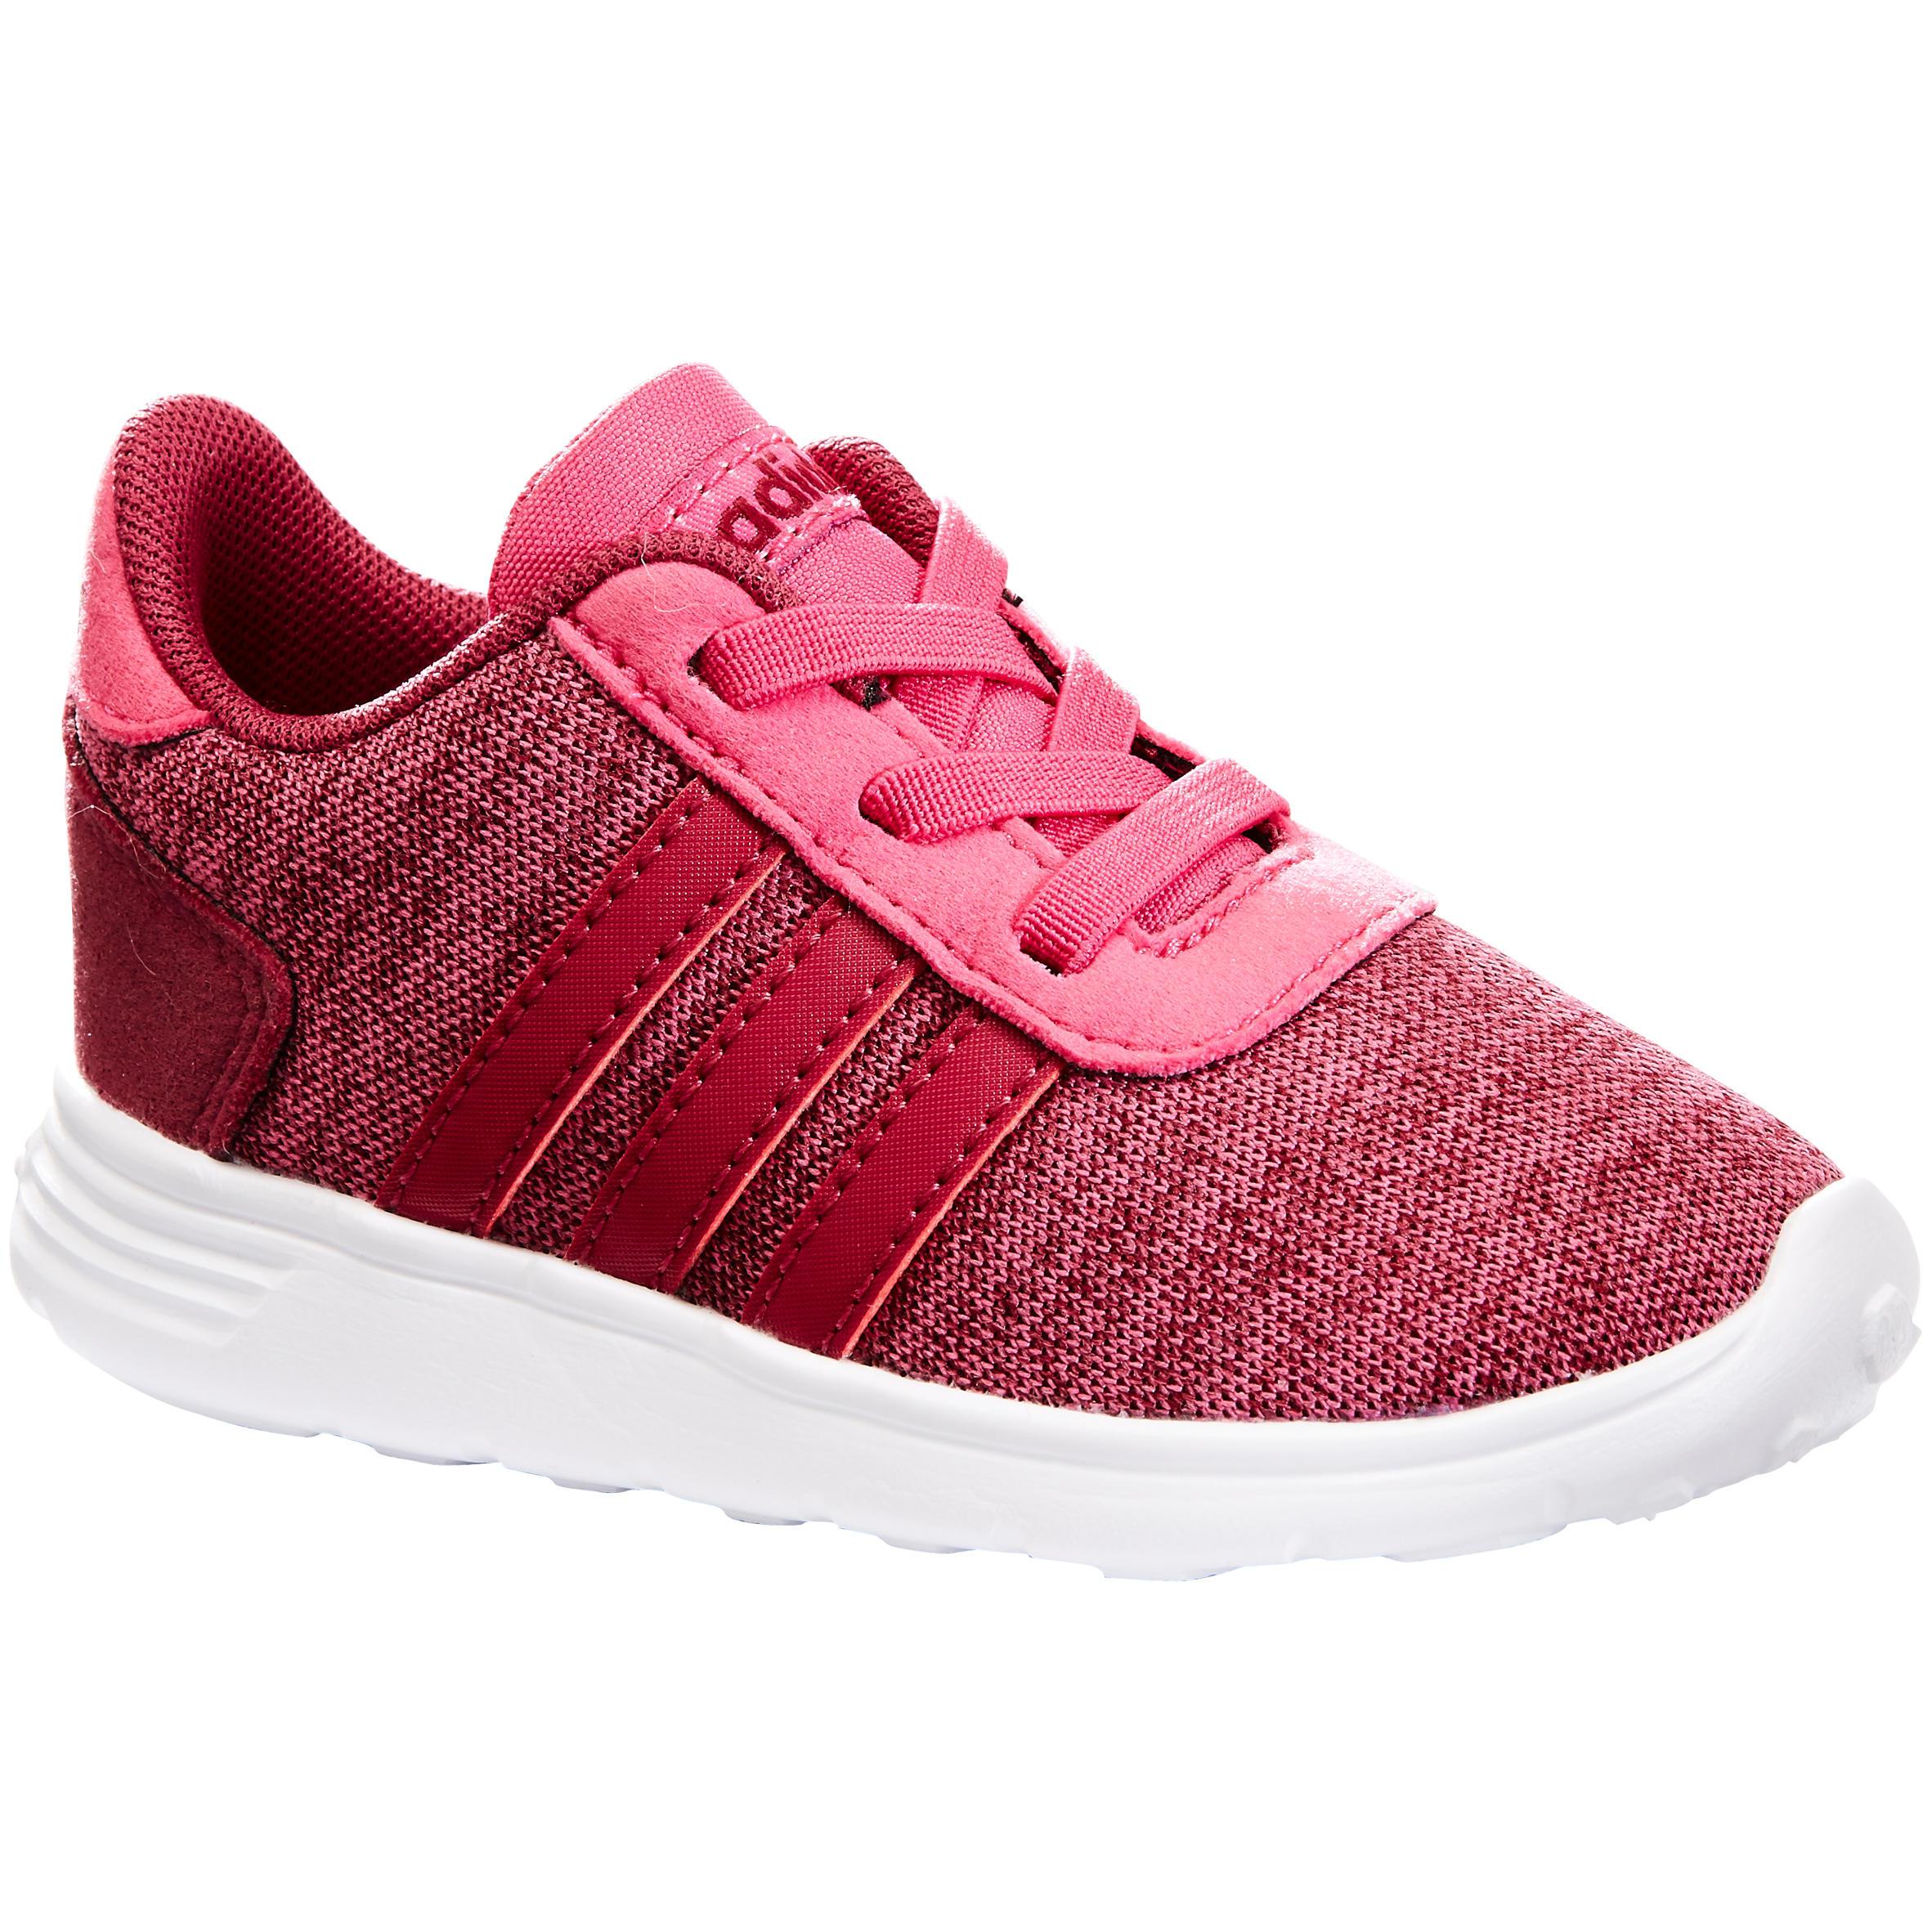 feb53322 Comprar calzado deportivo para niños y bebés online| Decathlon